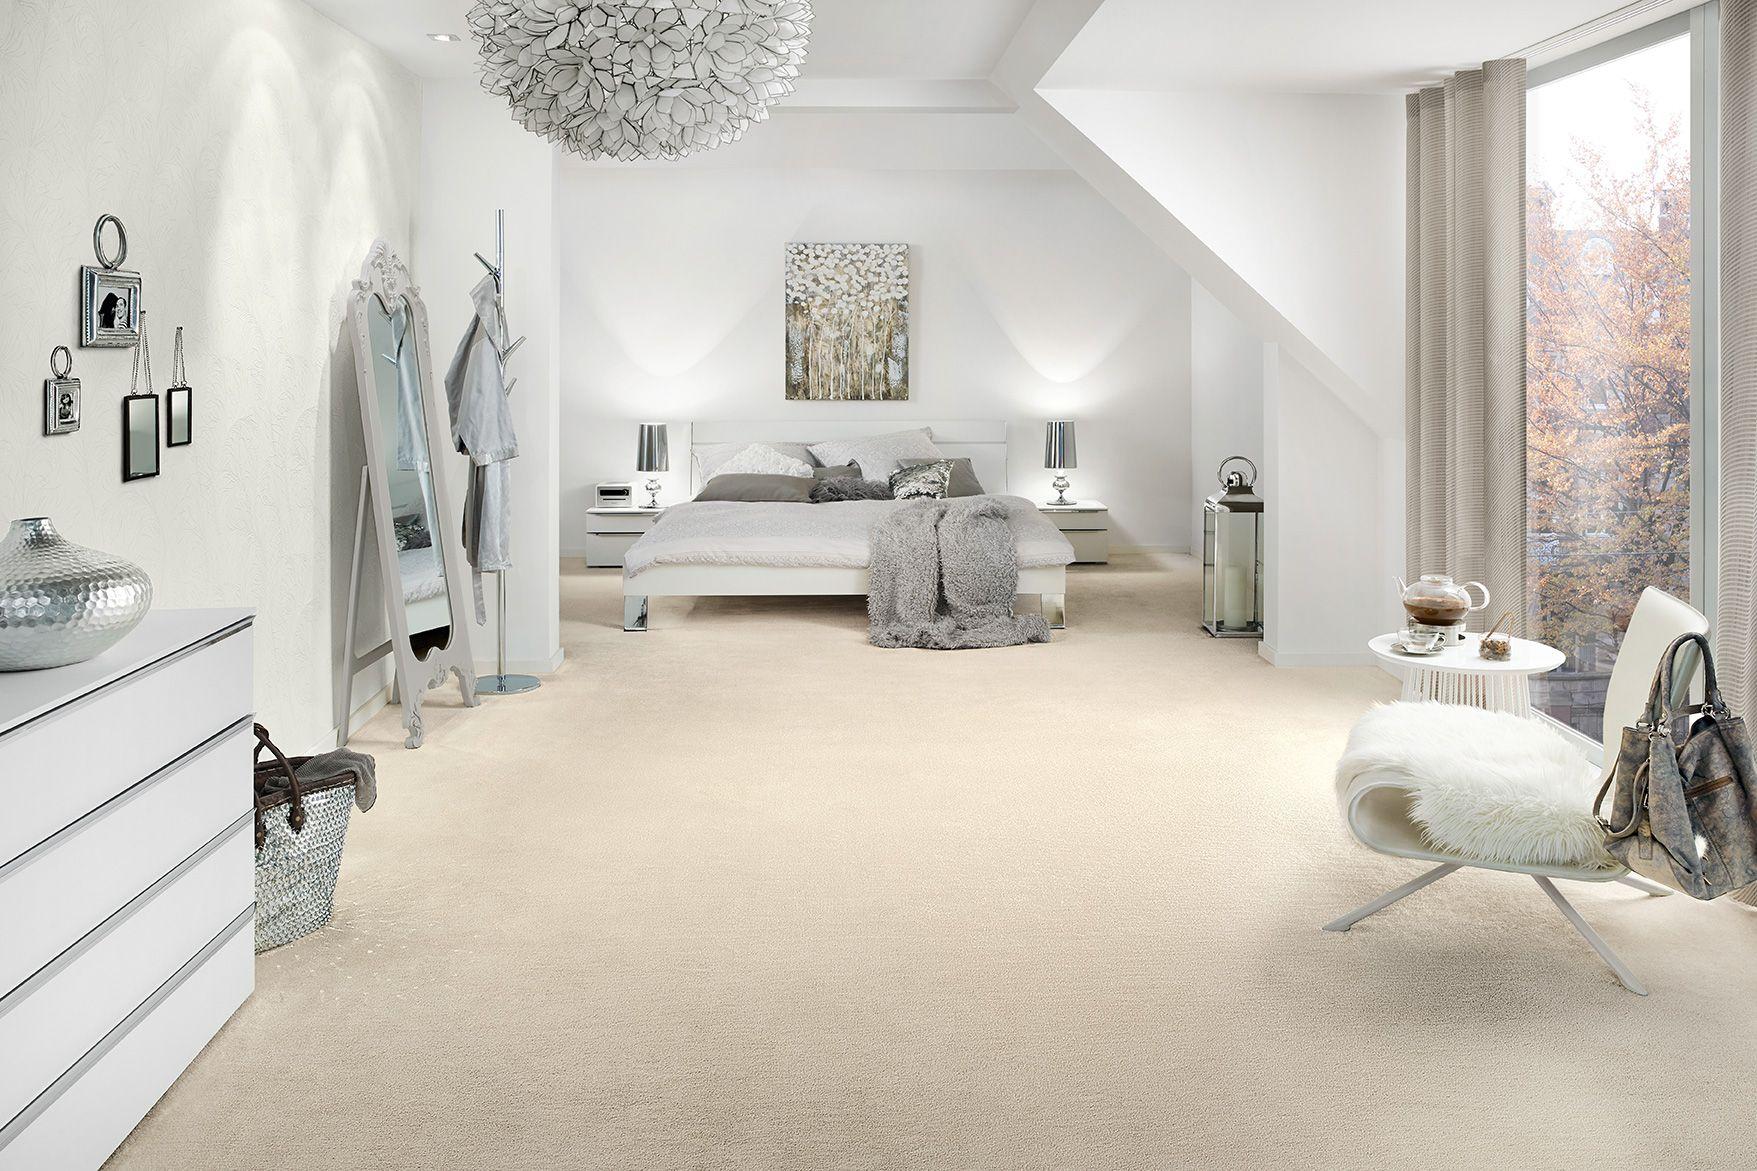 Fußboden Schlafzimmer München ~ Teppichböden fußboden lenninger